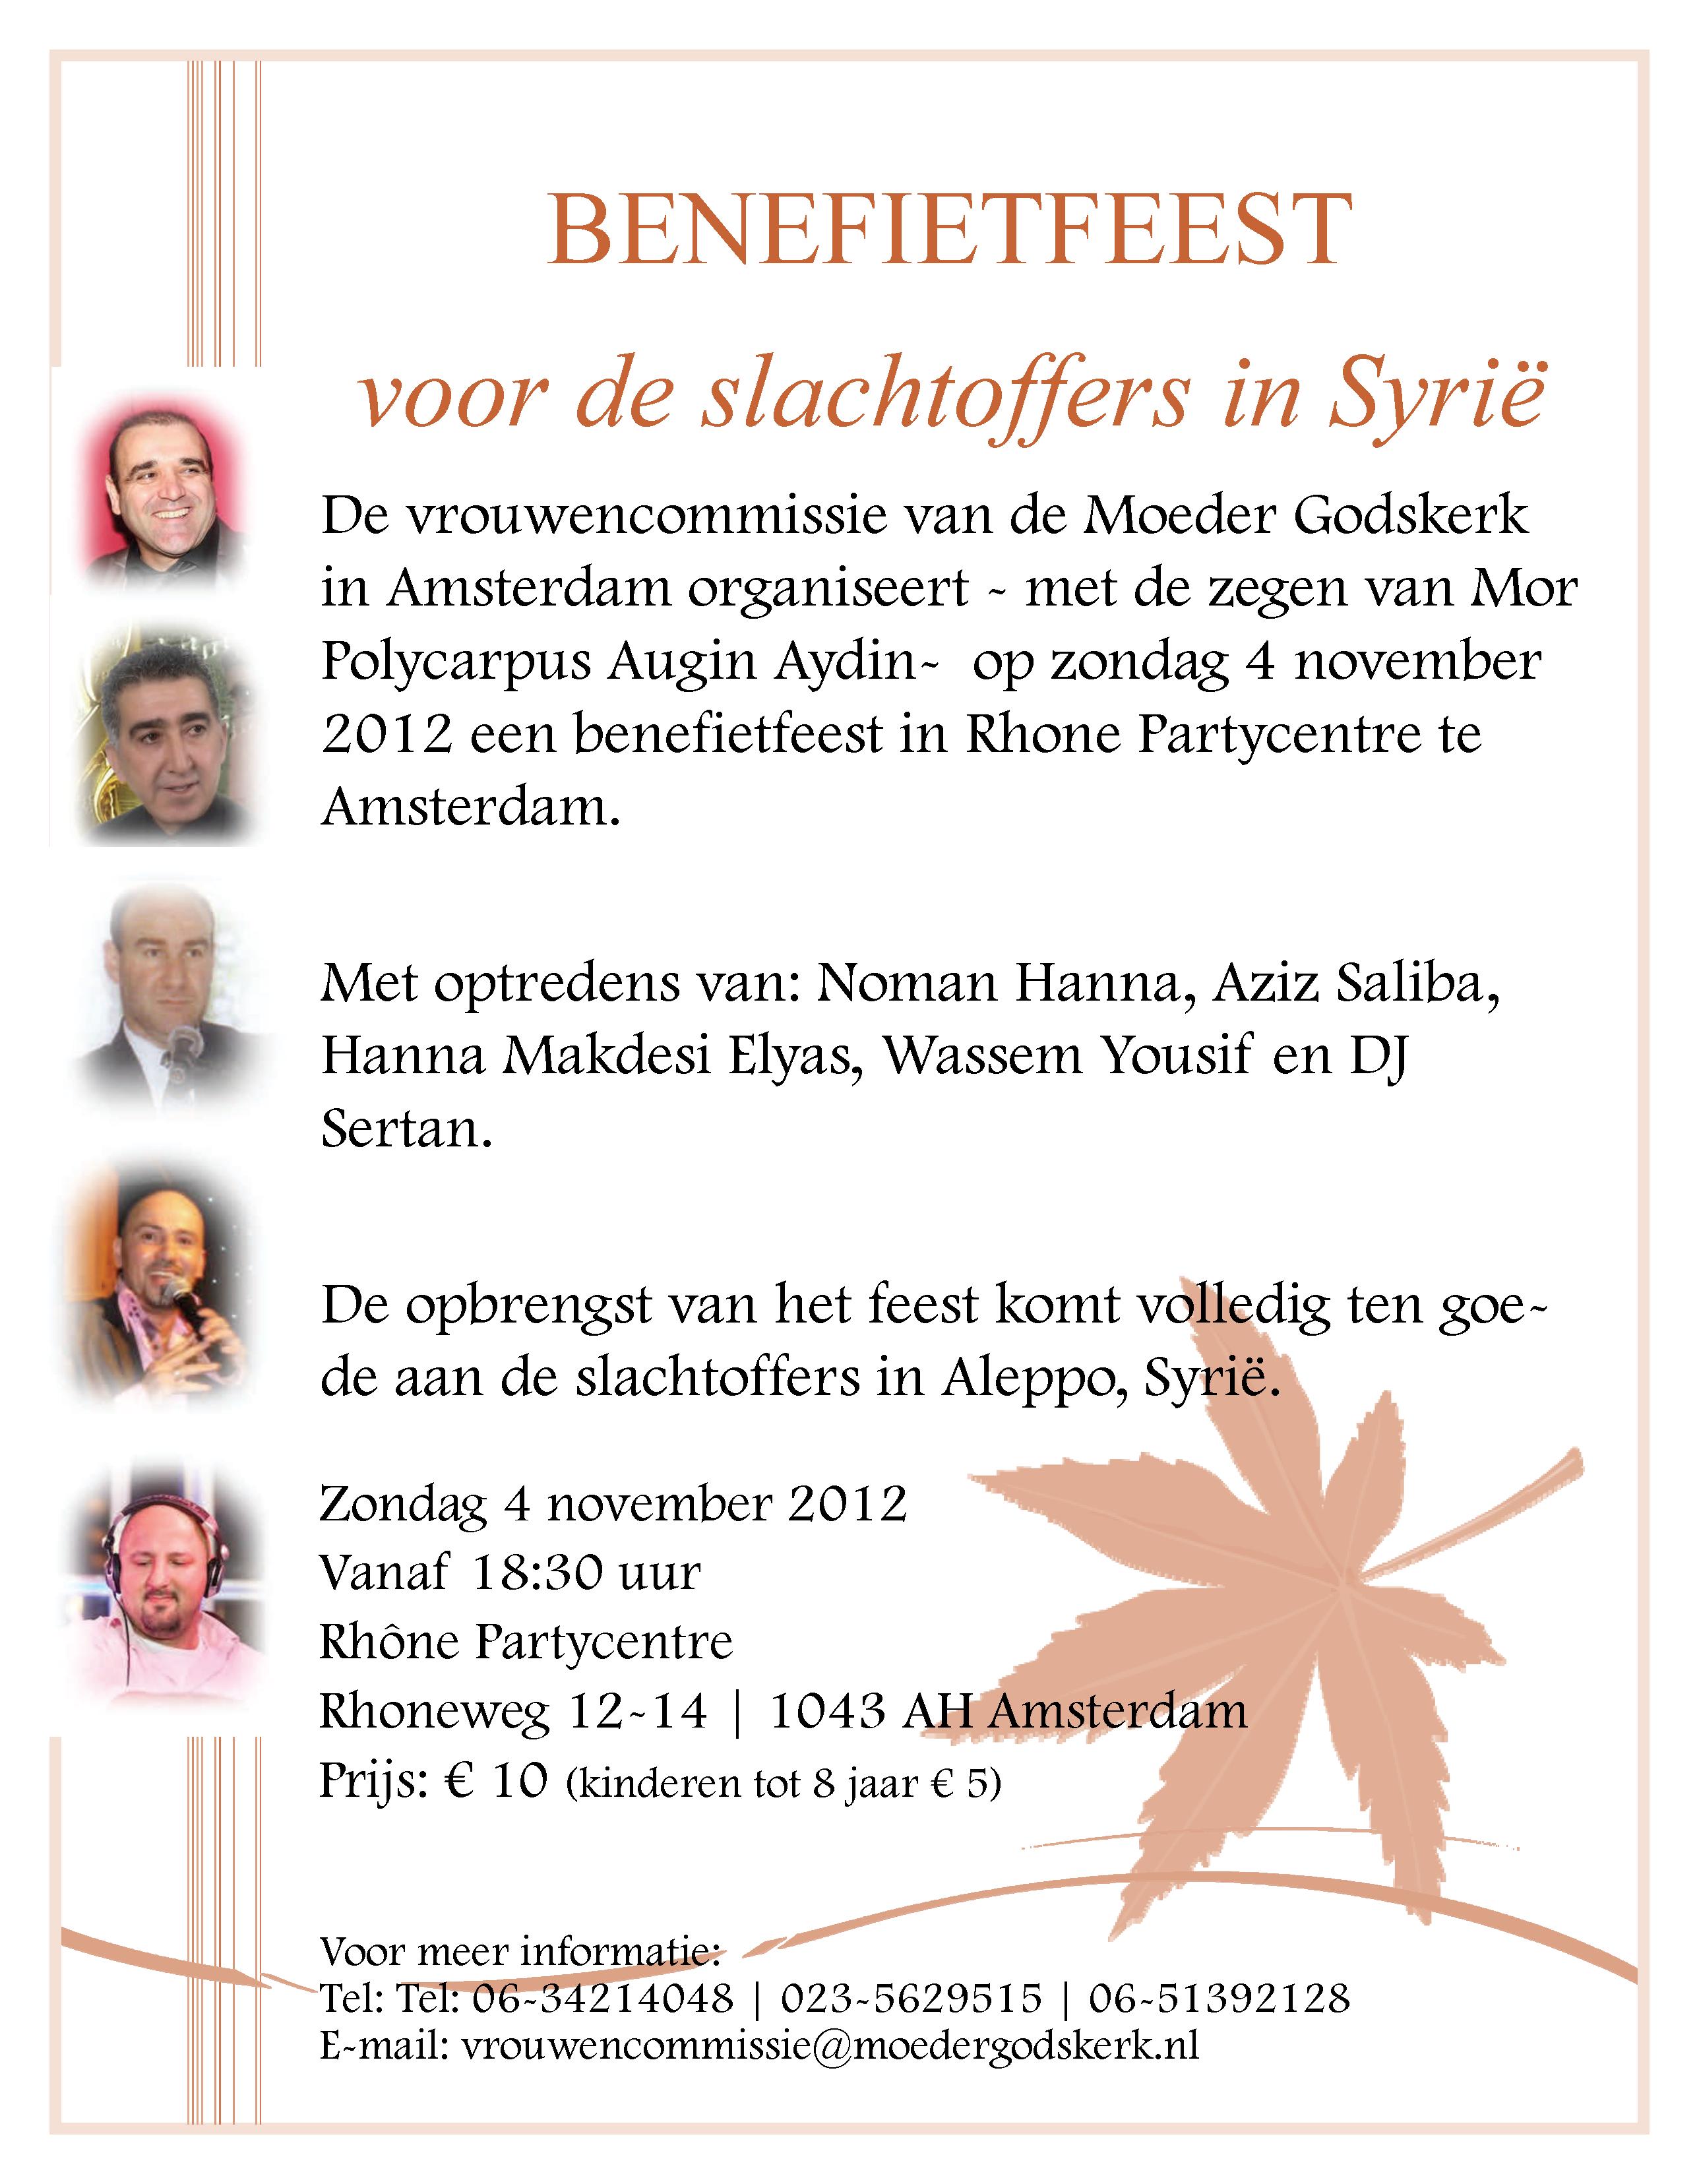 Benefietfeest voor de slachtoffers in Syrië